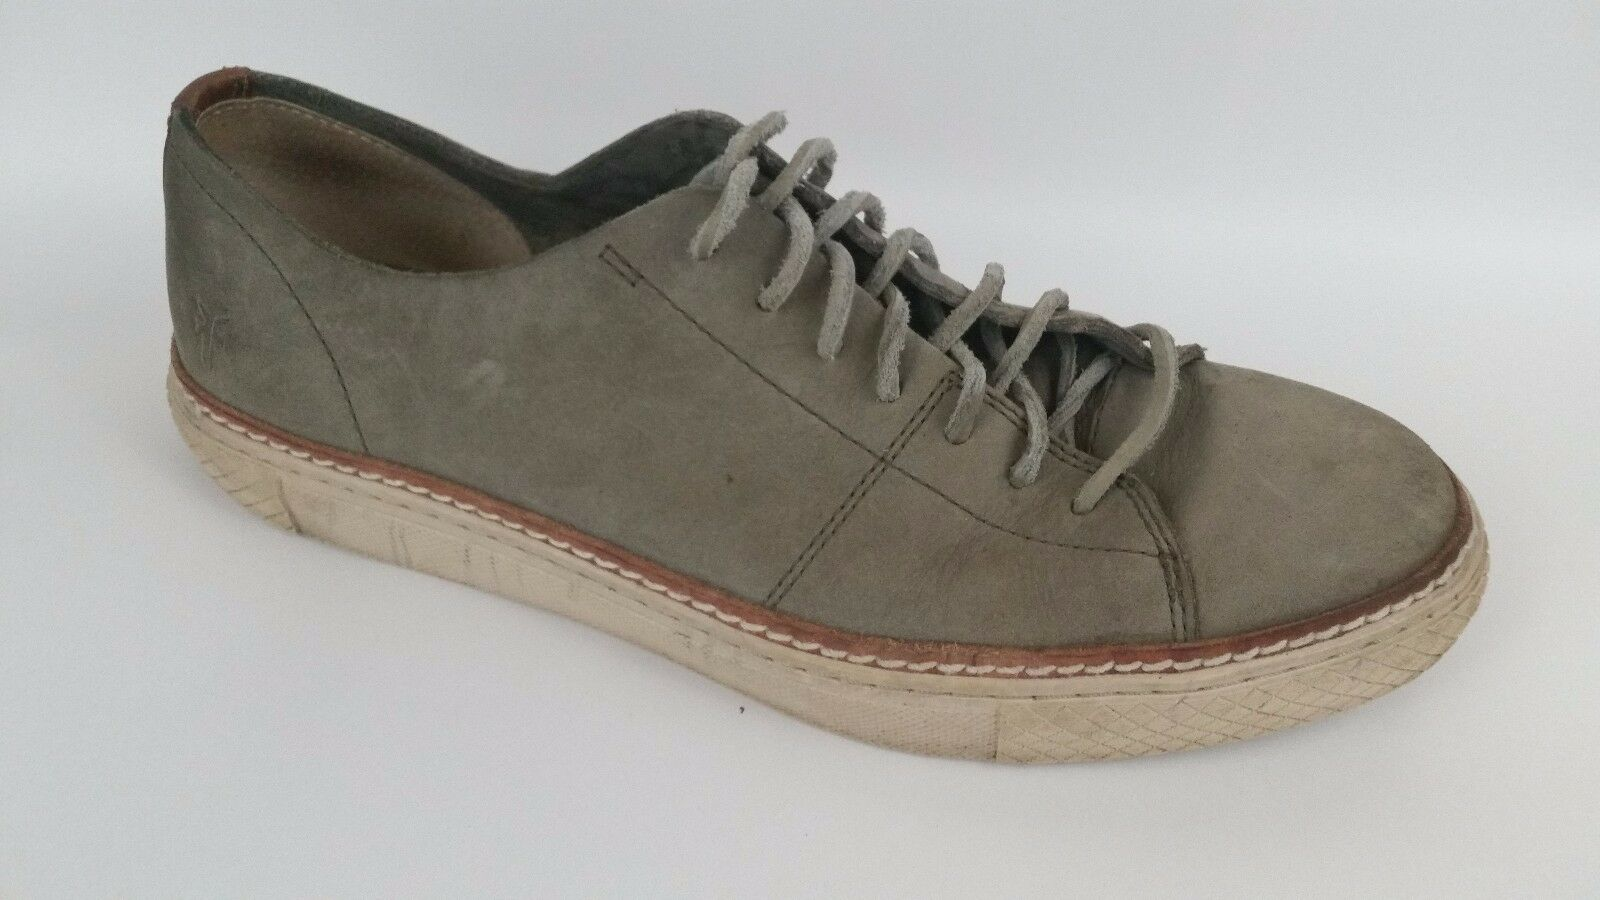 Frye Gates bajo de Gris encaje para hombre 10 Med Gris de Piedra De Cuero Con Cordones Oxford Tenis Zapatos 8bca80